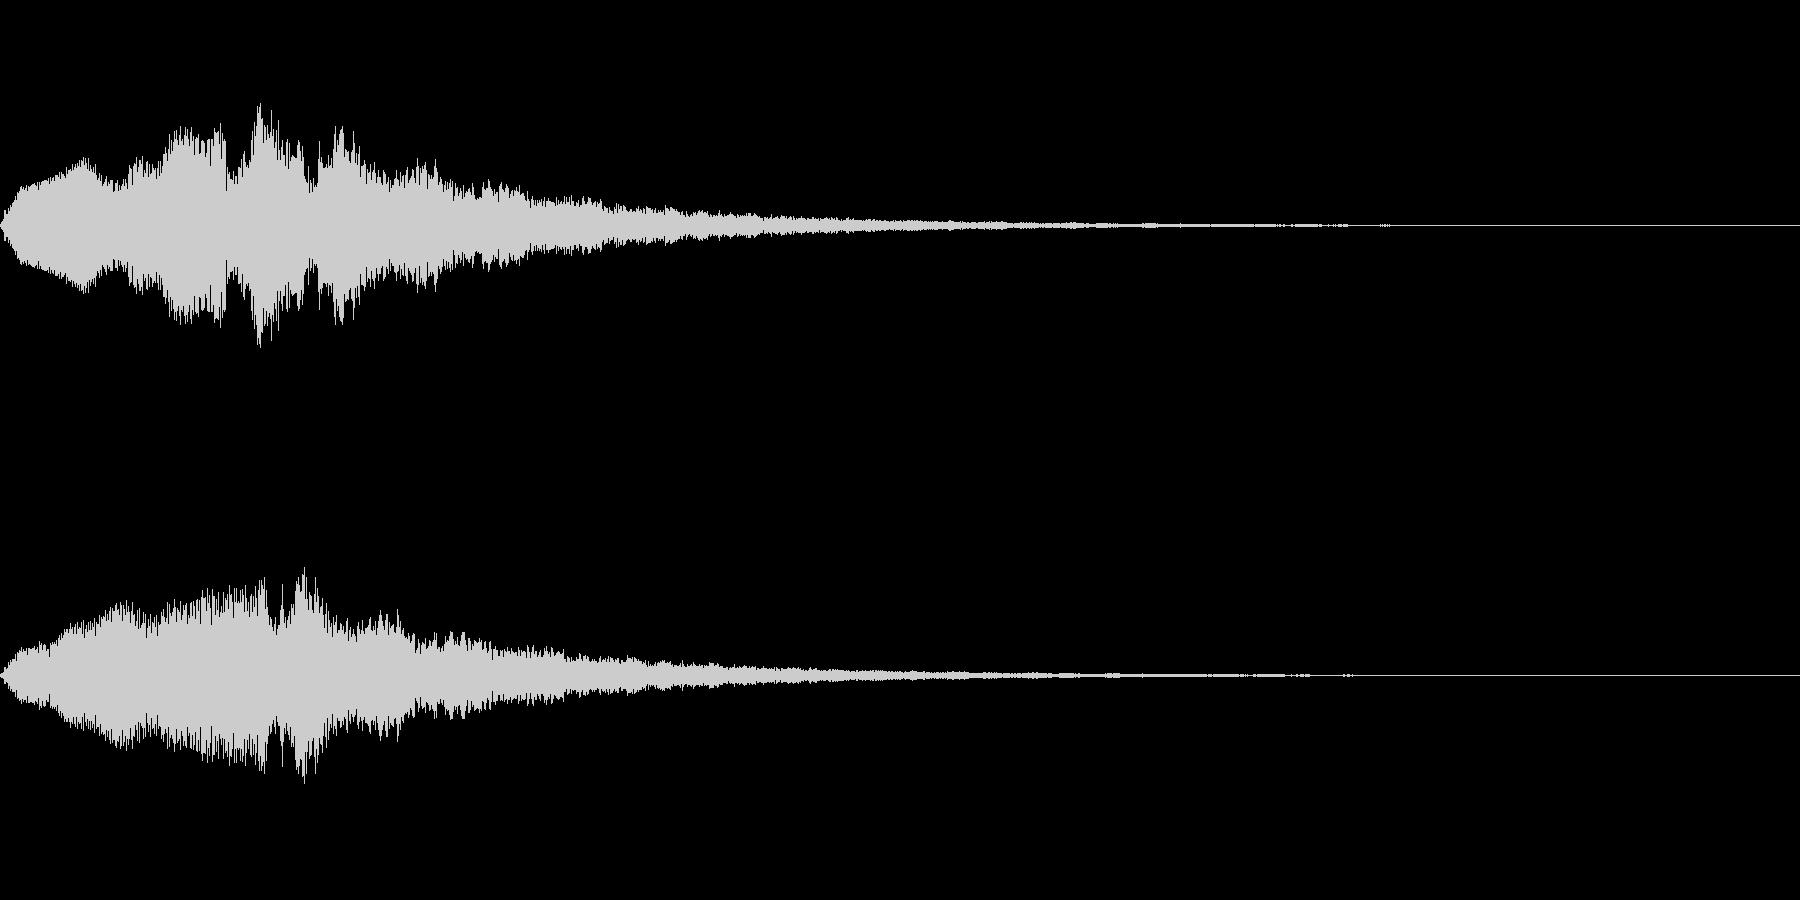 恐怖音09の未再生の波形